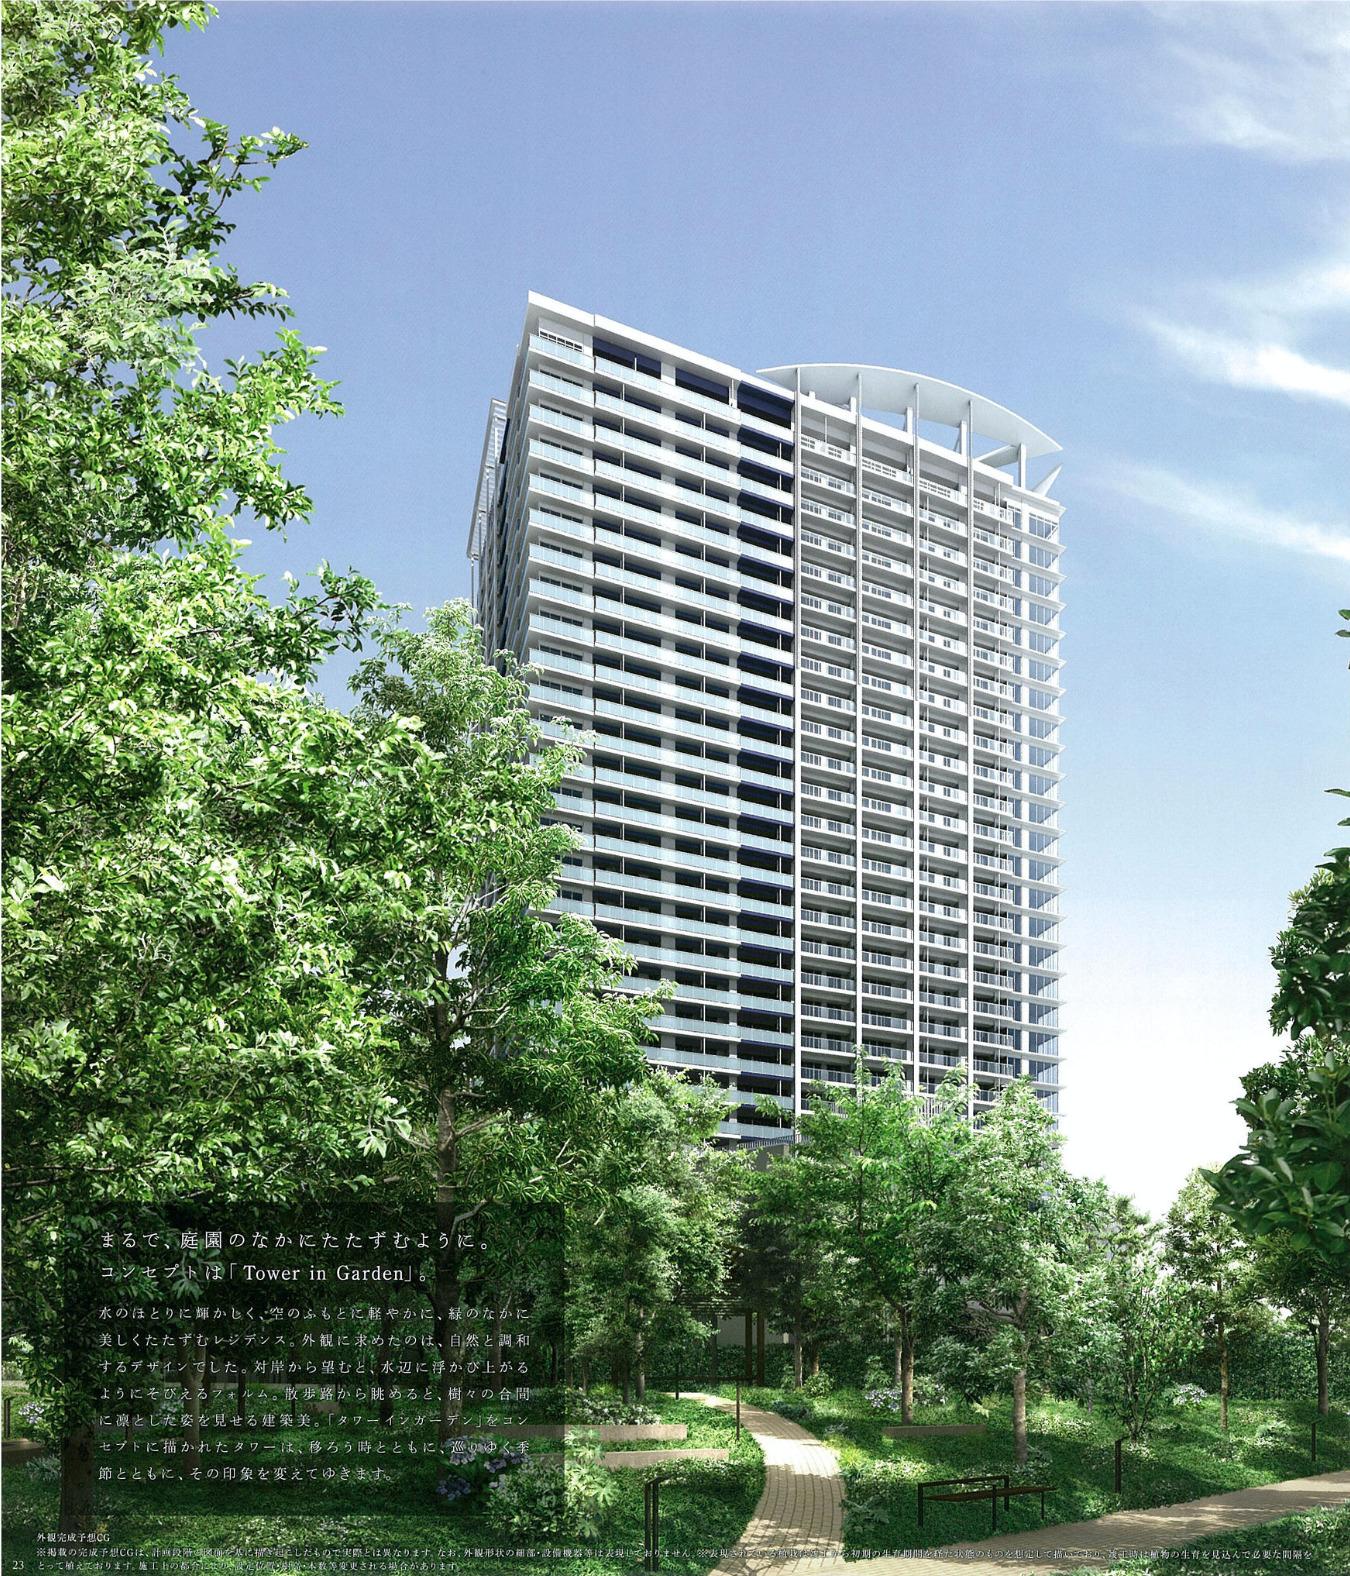 ベイズタワー&ガーデンの外観